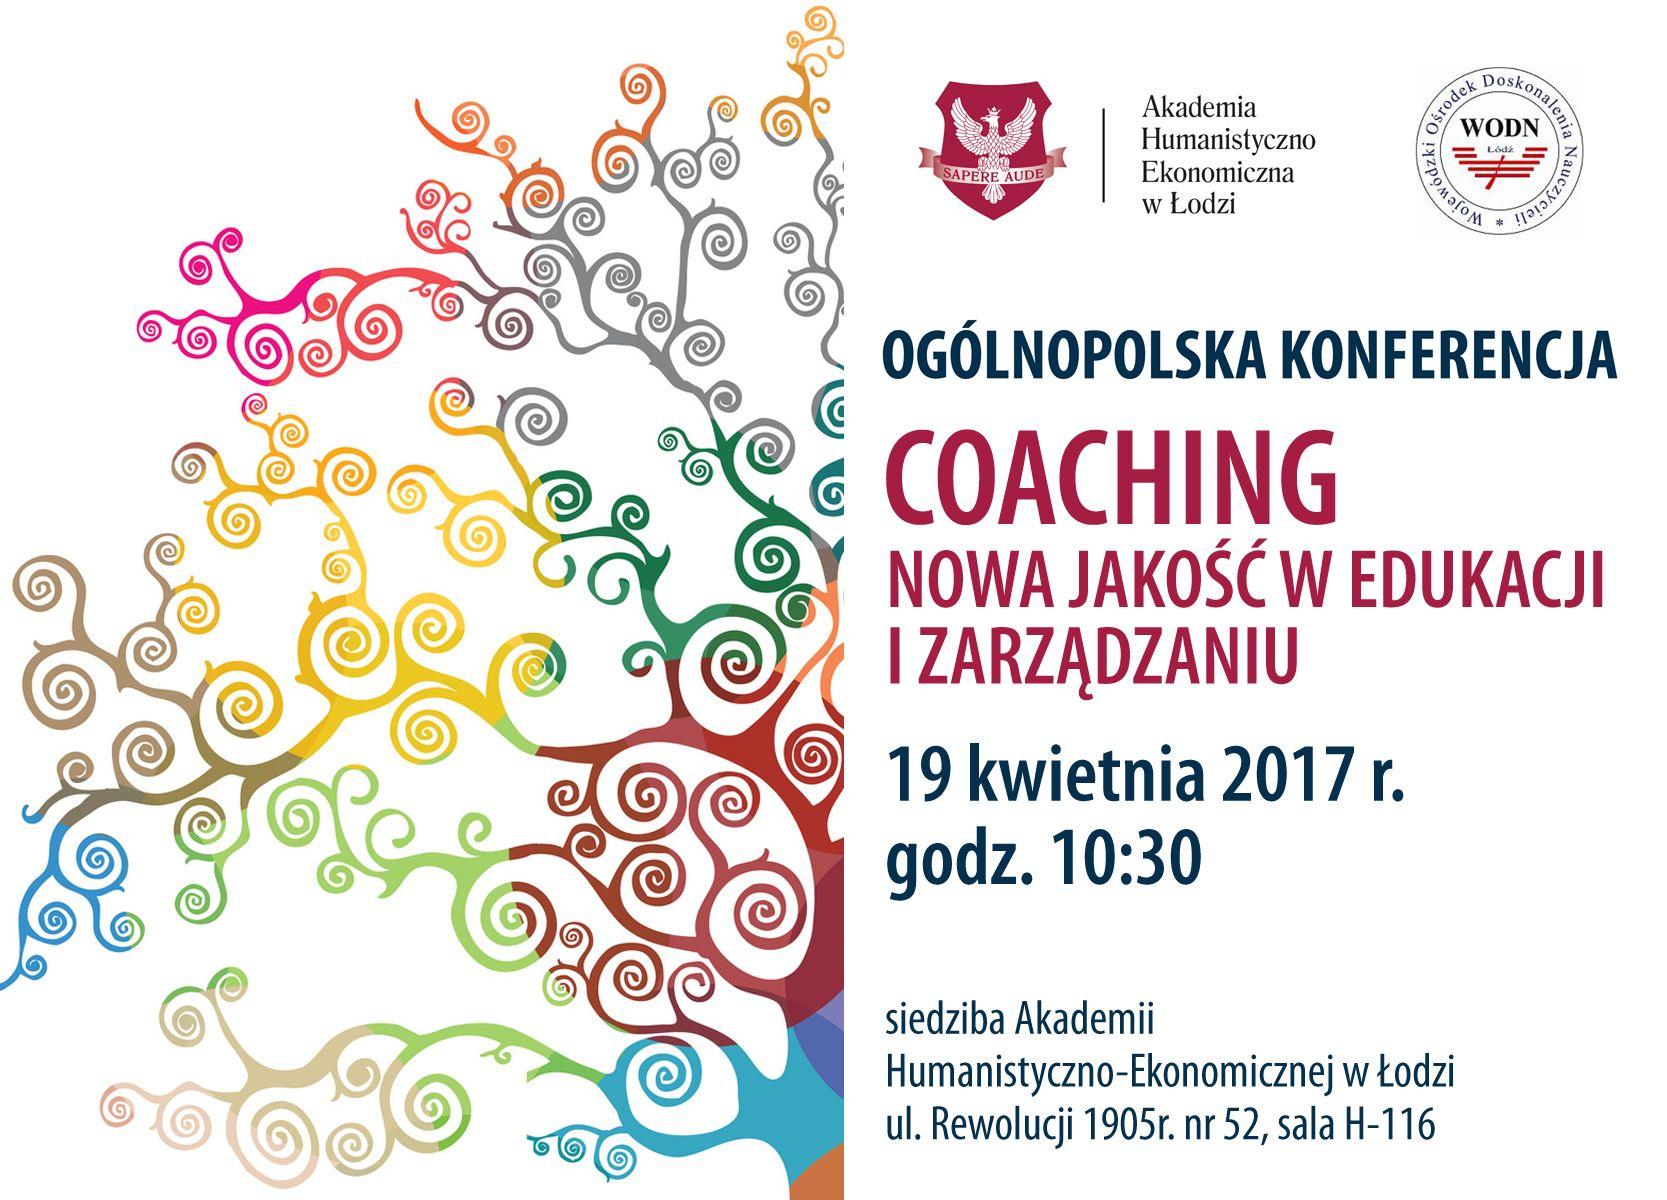 Coaching – nowa jakość w edukacji i zarządzaniu